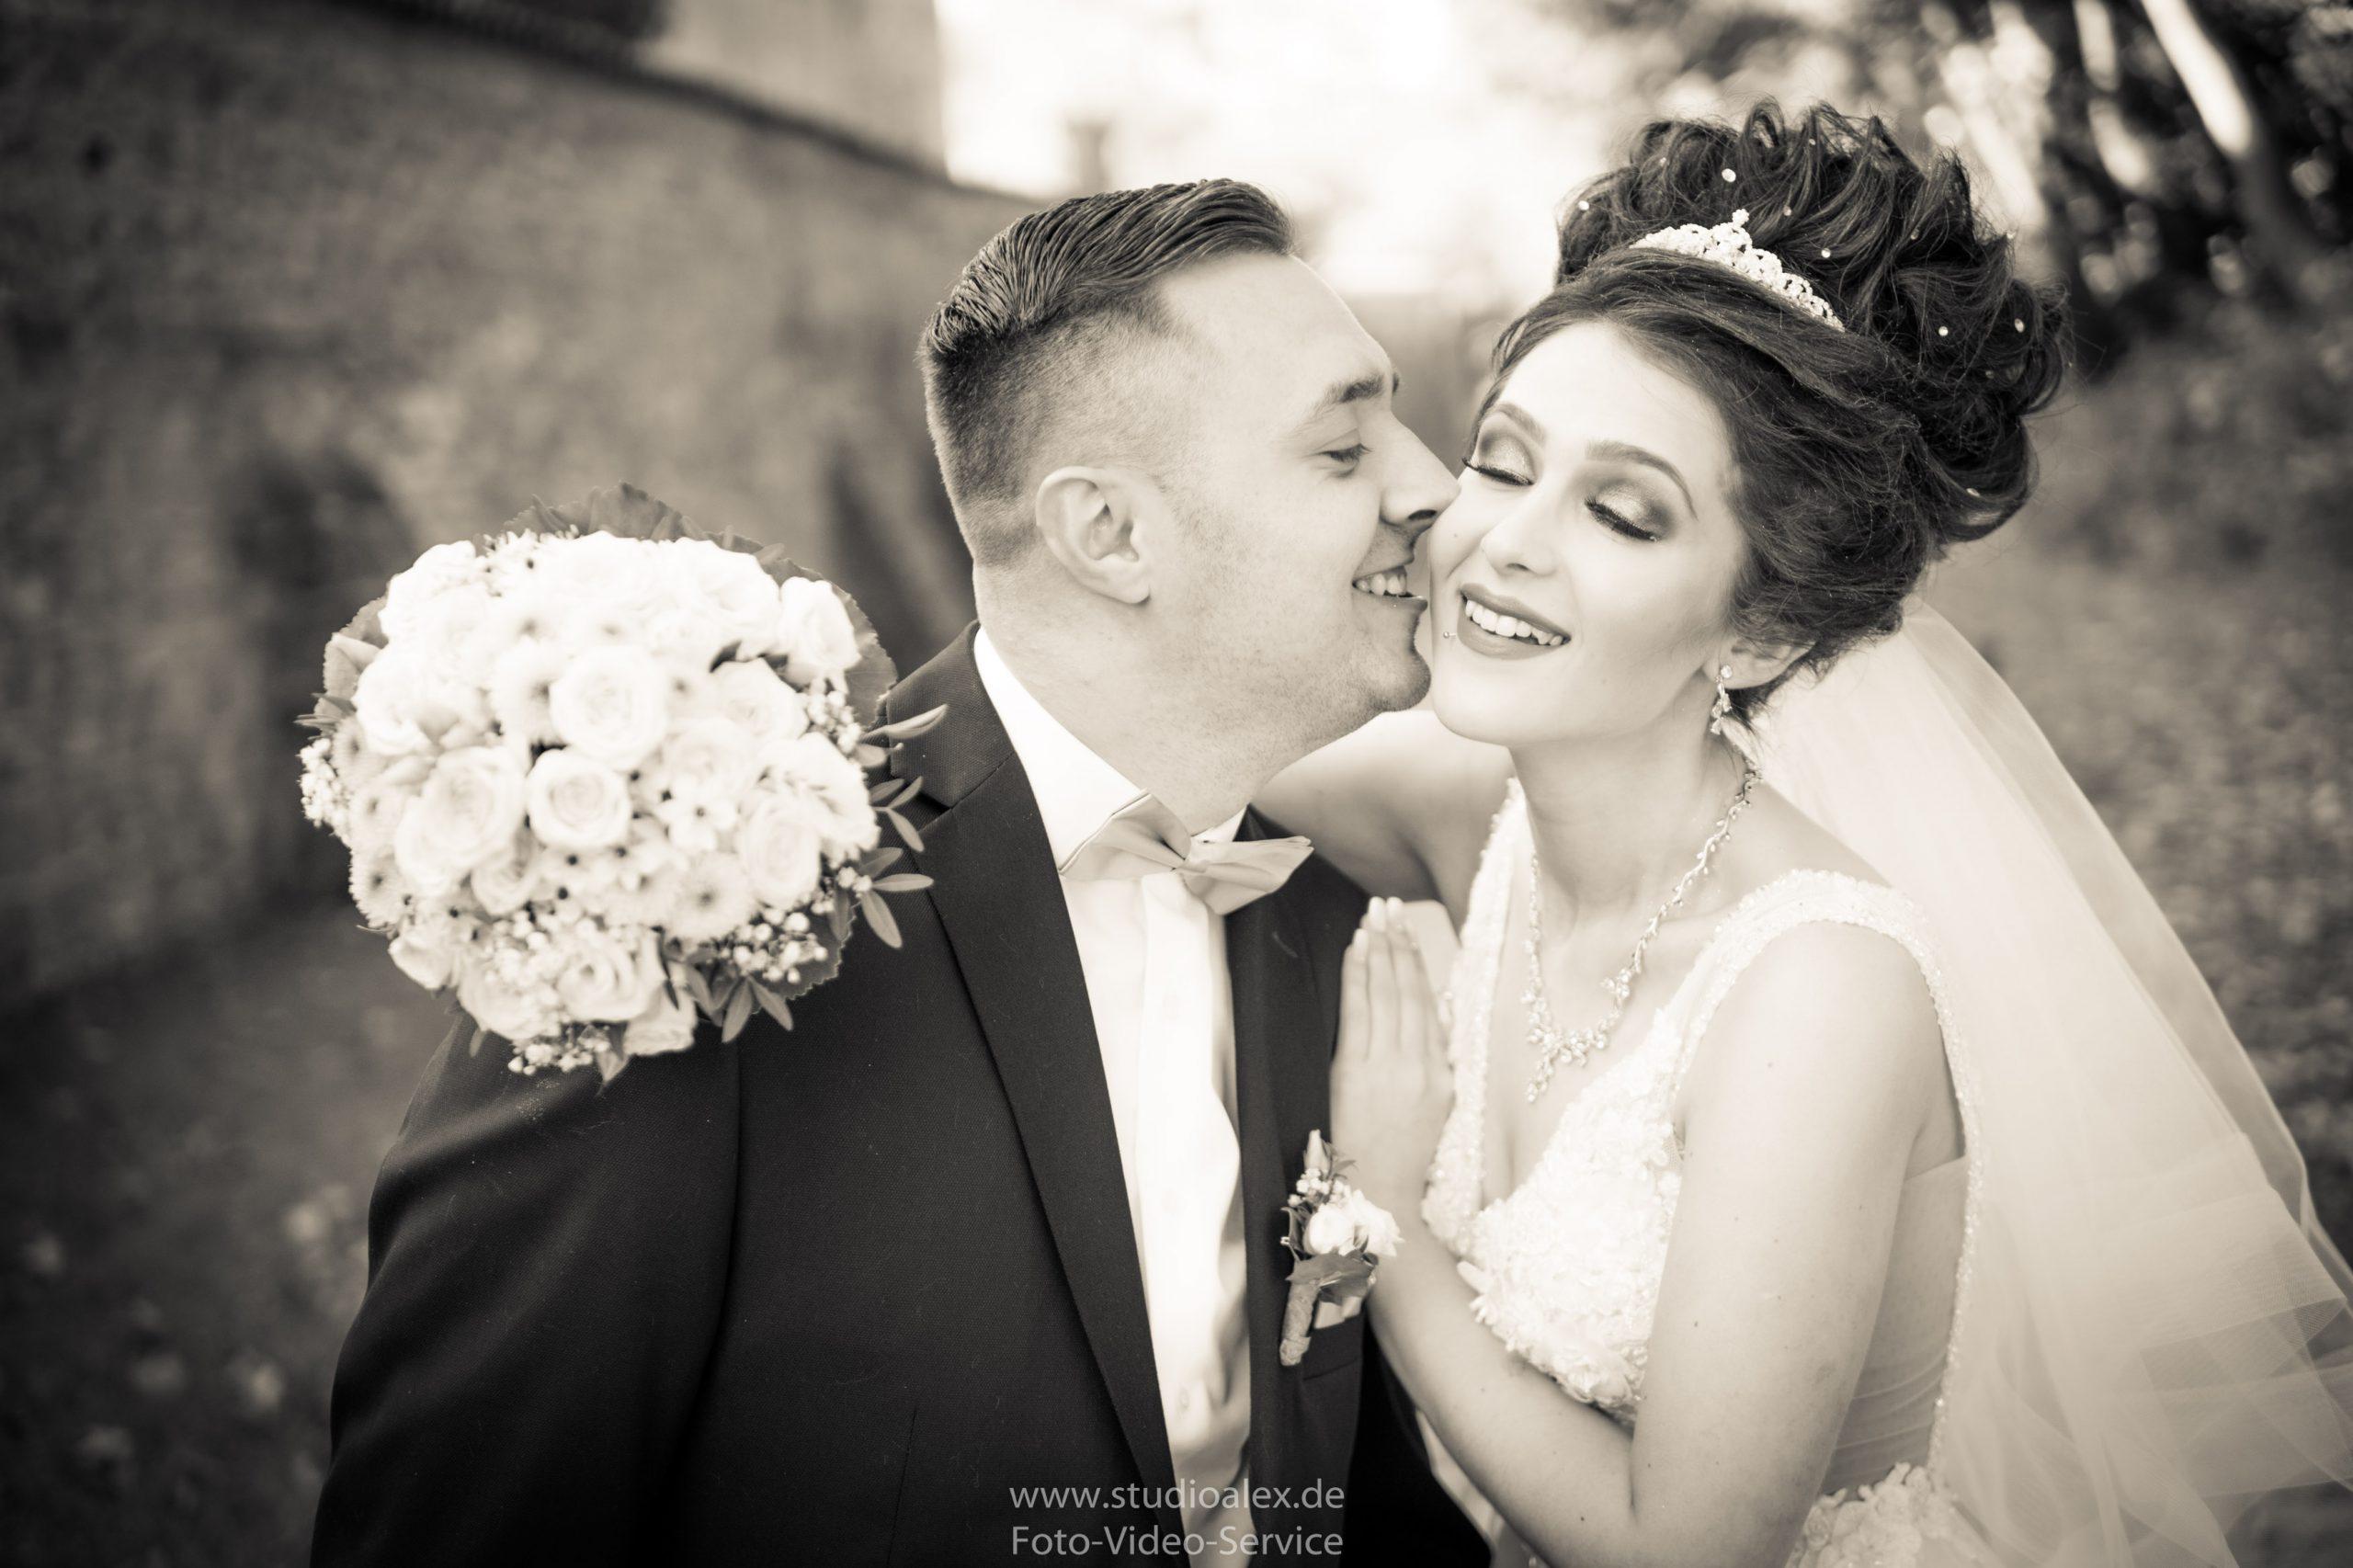 Hochzeitsfotograf-Amberg-Hochzeitsfotografie-Amberg-Hochzeitsfotos-Amberg-Hochzeitsbilder-Amberg-Fotograf-Hochzeit-Amberg-06360-scaled.jpg